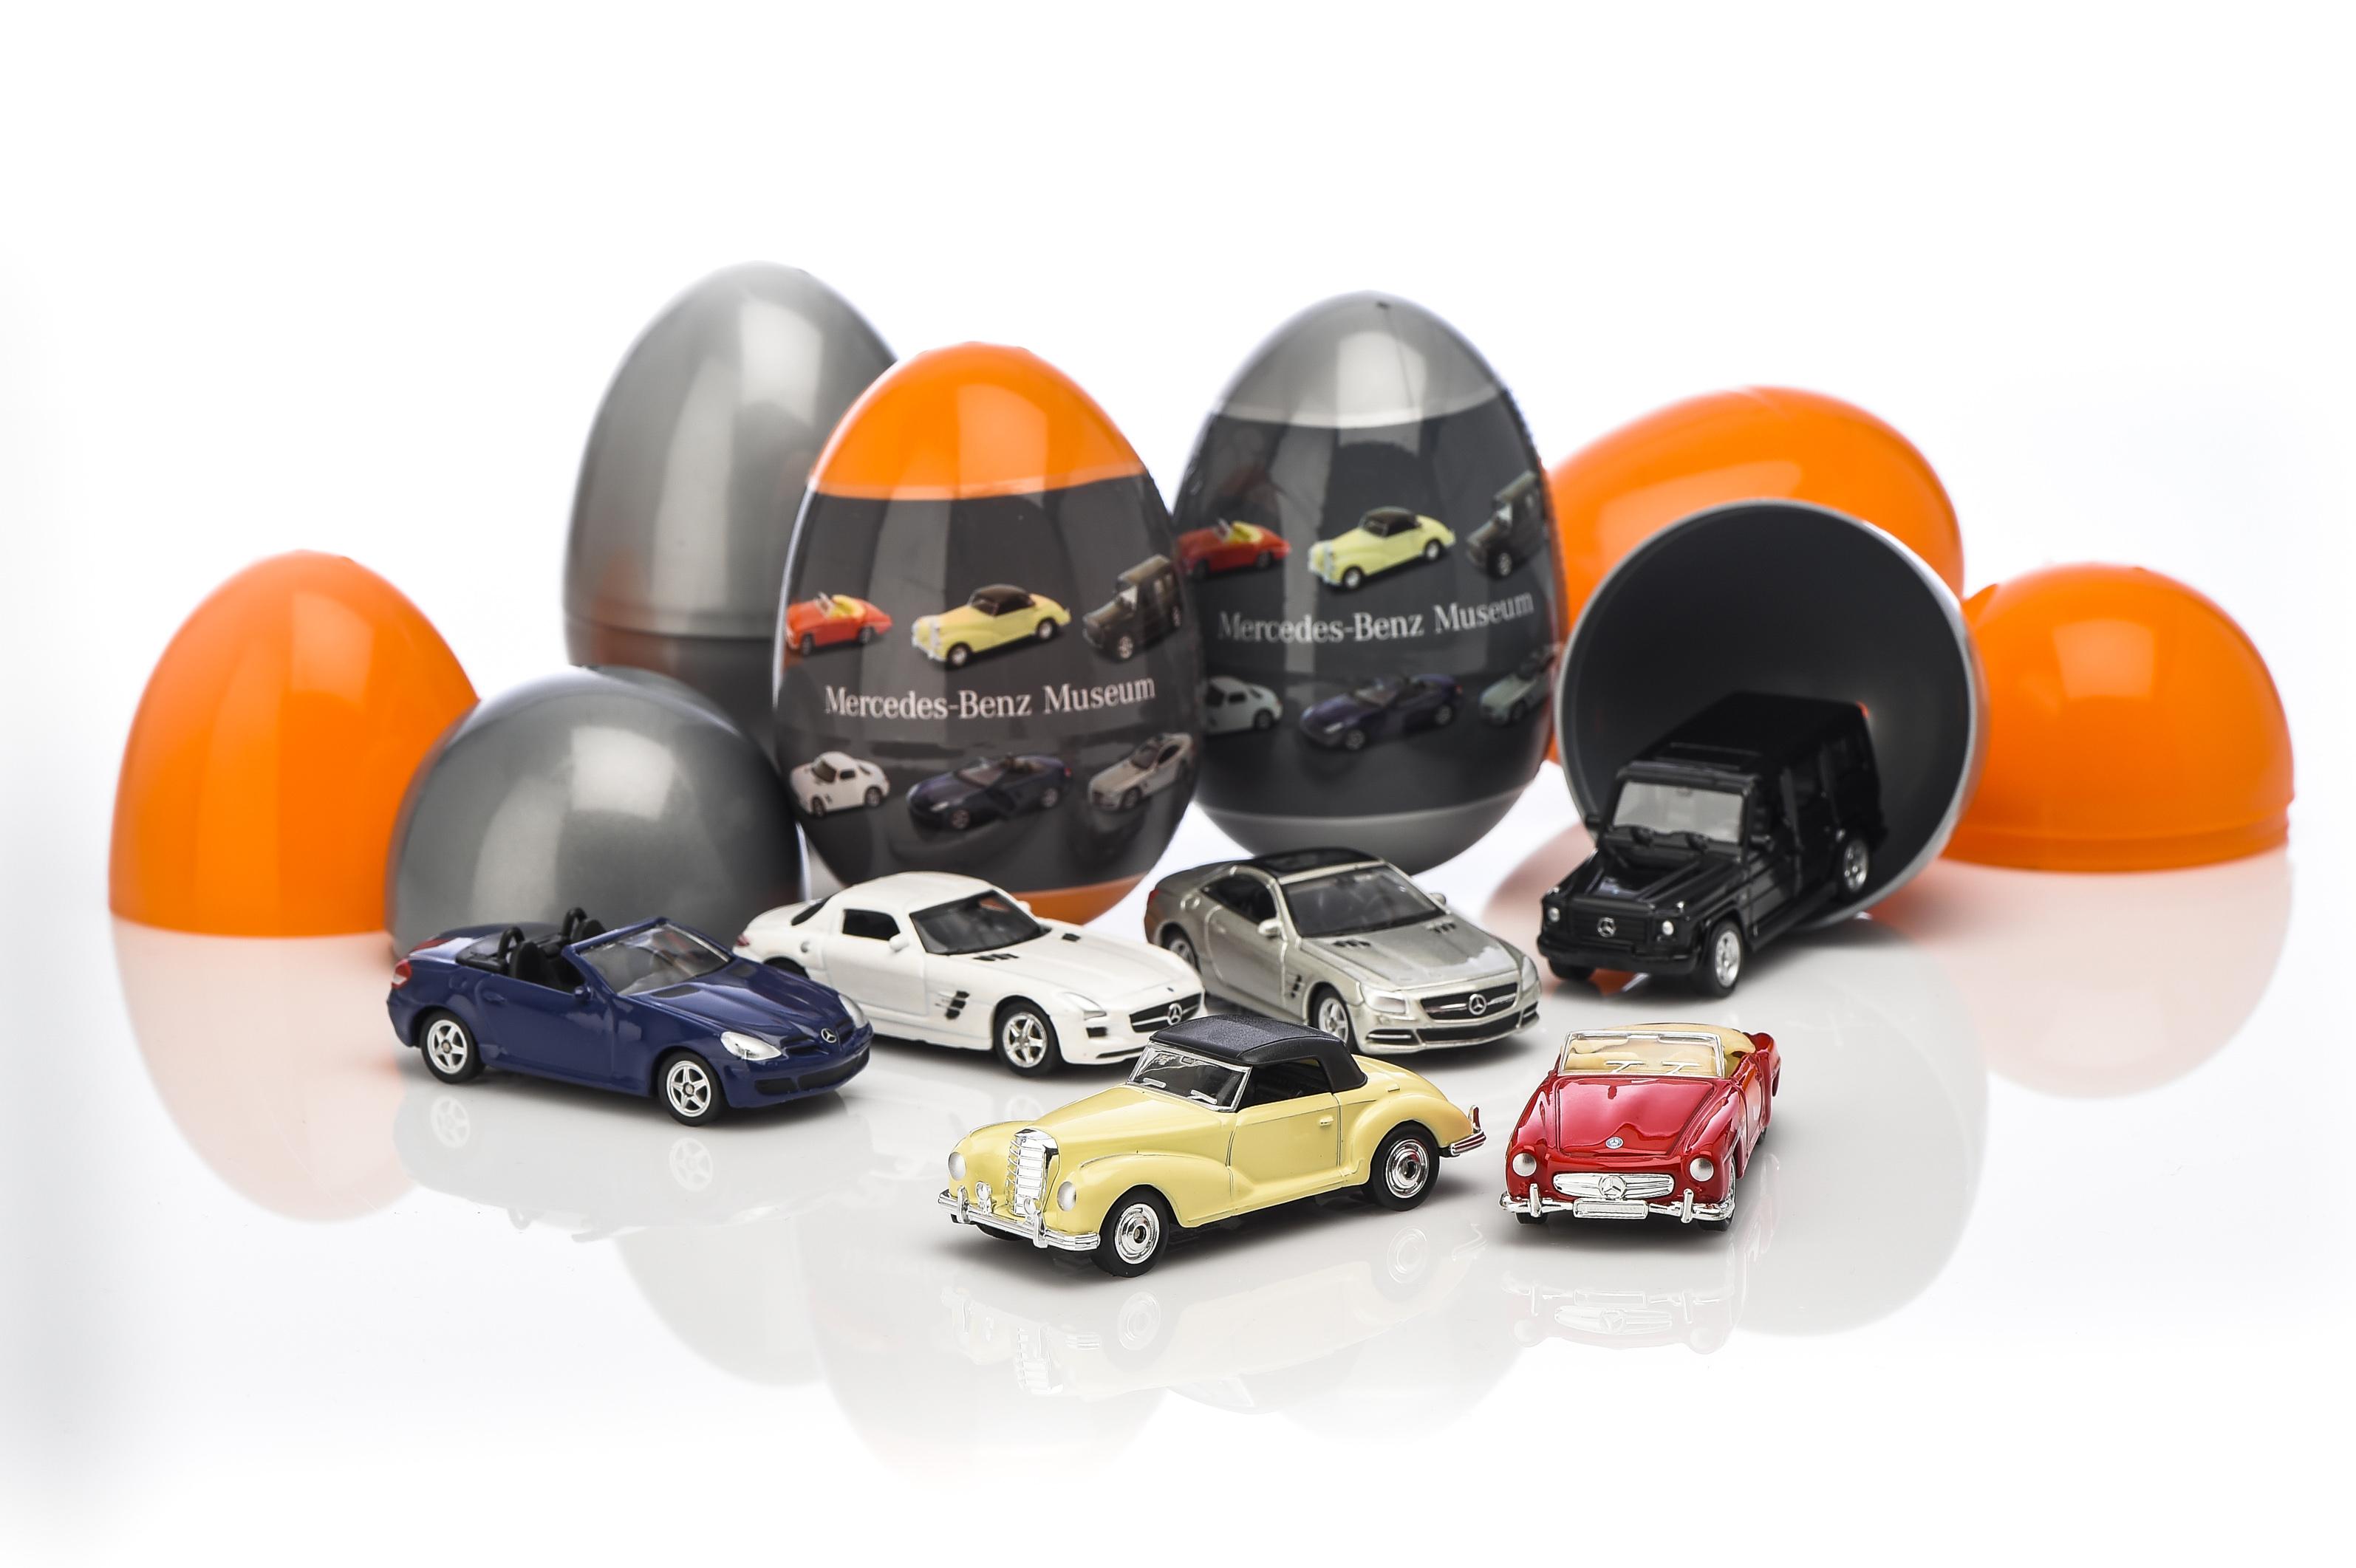 Mercedes Benz Color Car Surprise Toys Kids Collections